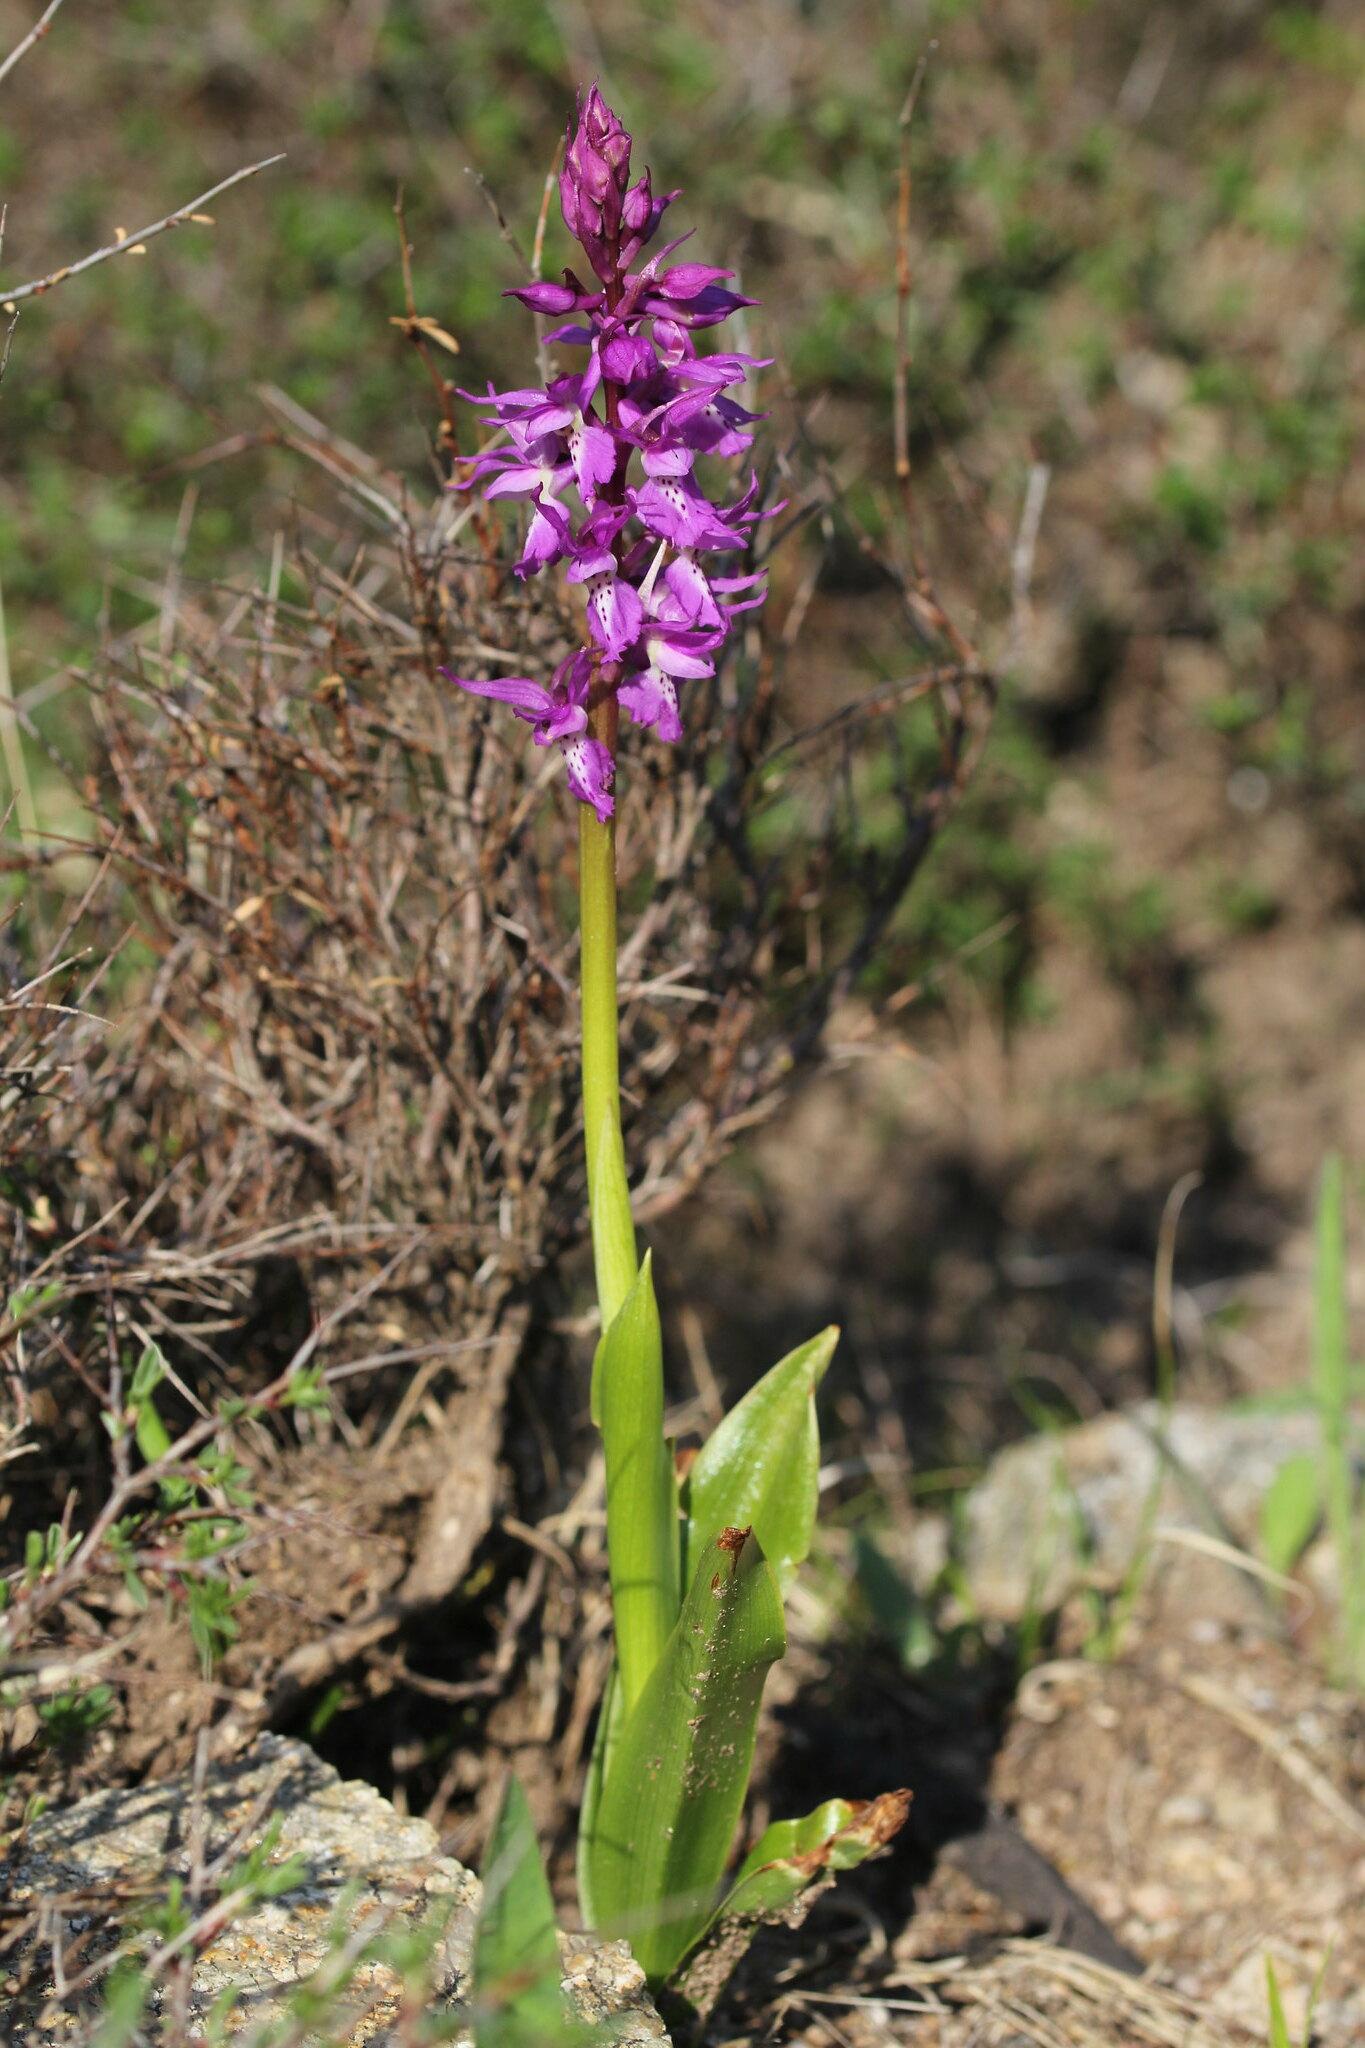 Présence Orchis ichnusae en Corse et problématique olbiensis 41273907272_2b64934704_k